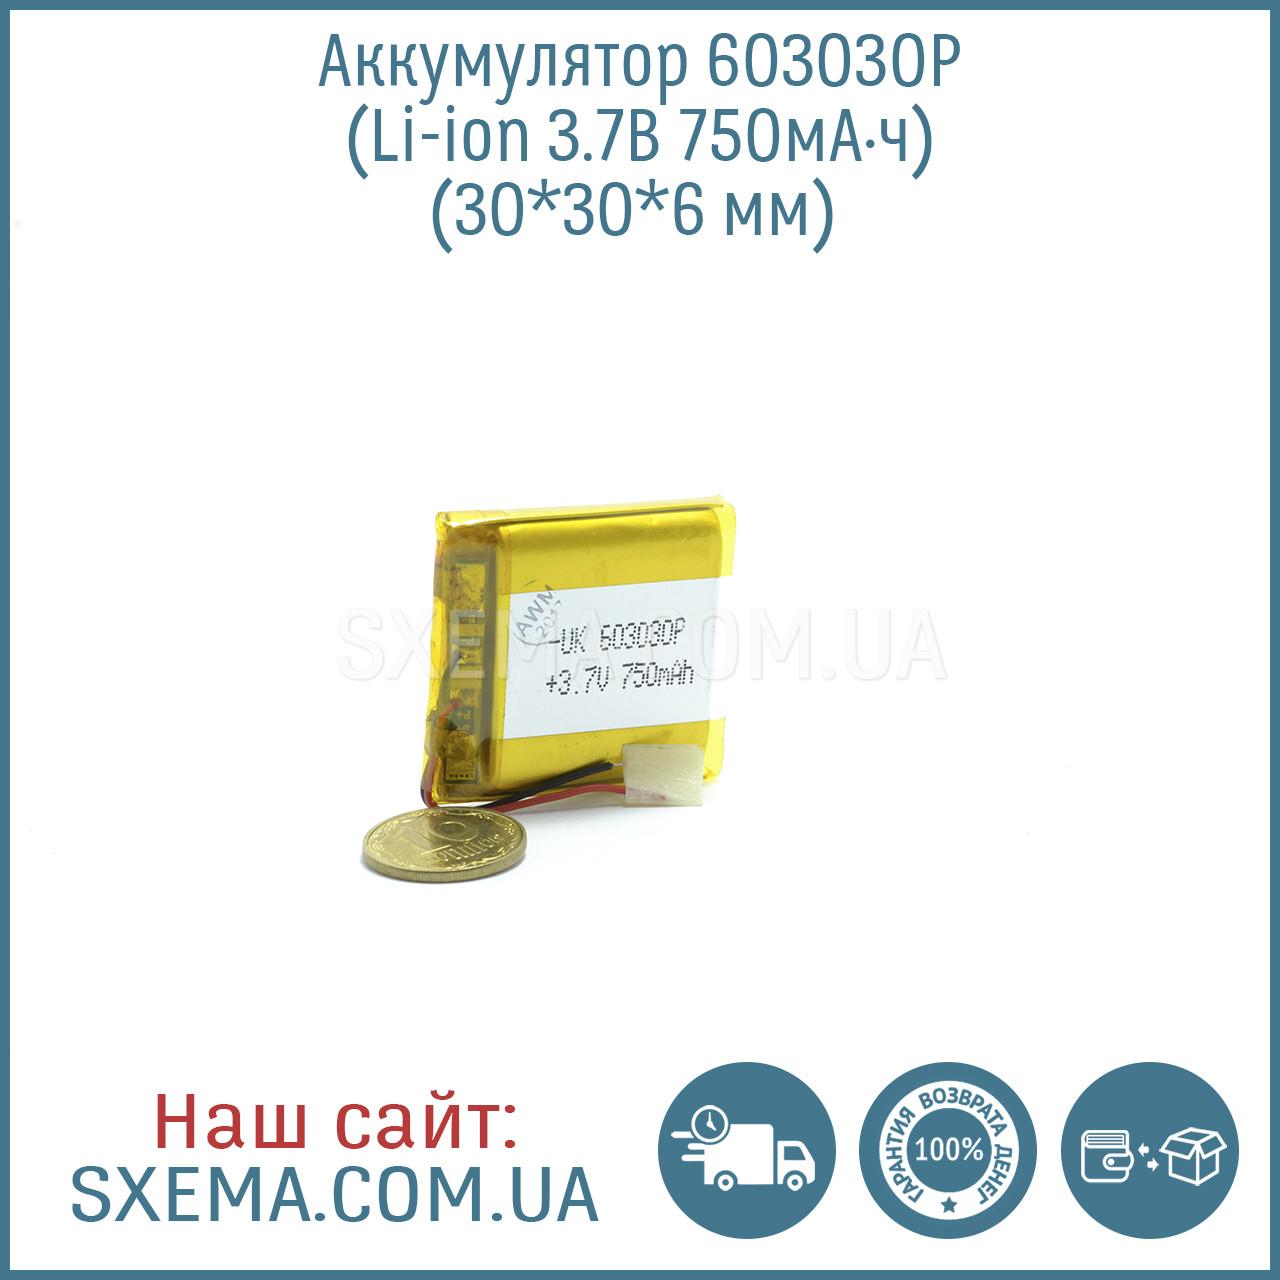 Аккумулятор универсальный 603030   (Li-ion 3.7В 500мА·ч), (30*30*6 мм)